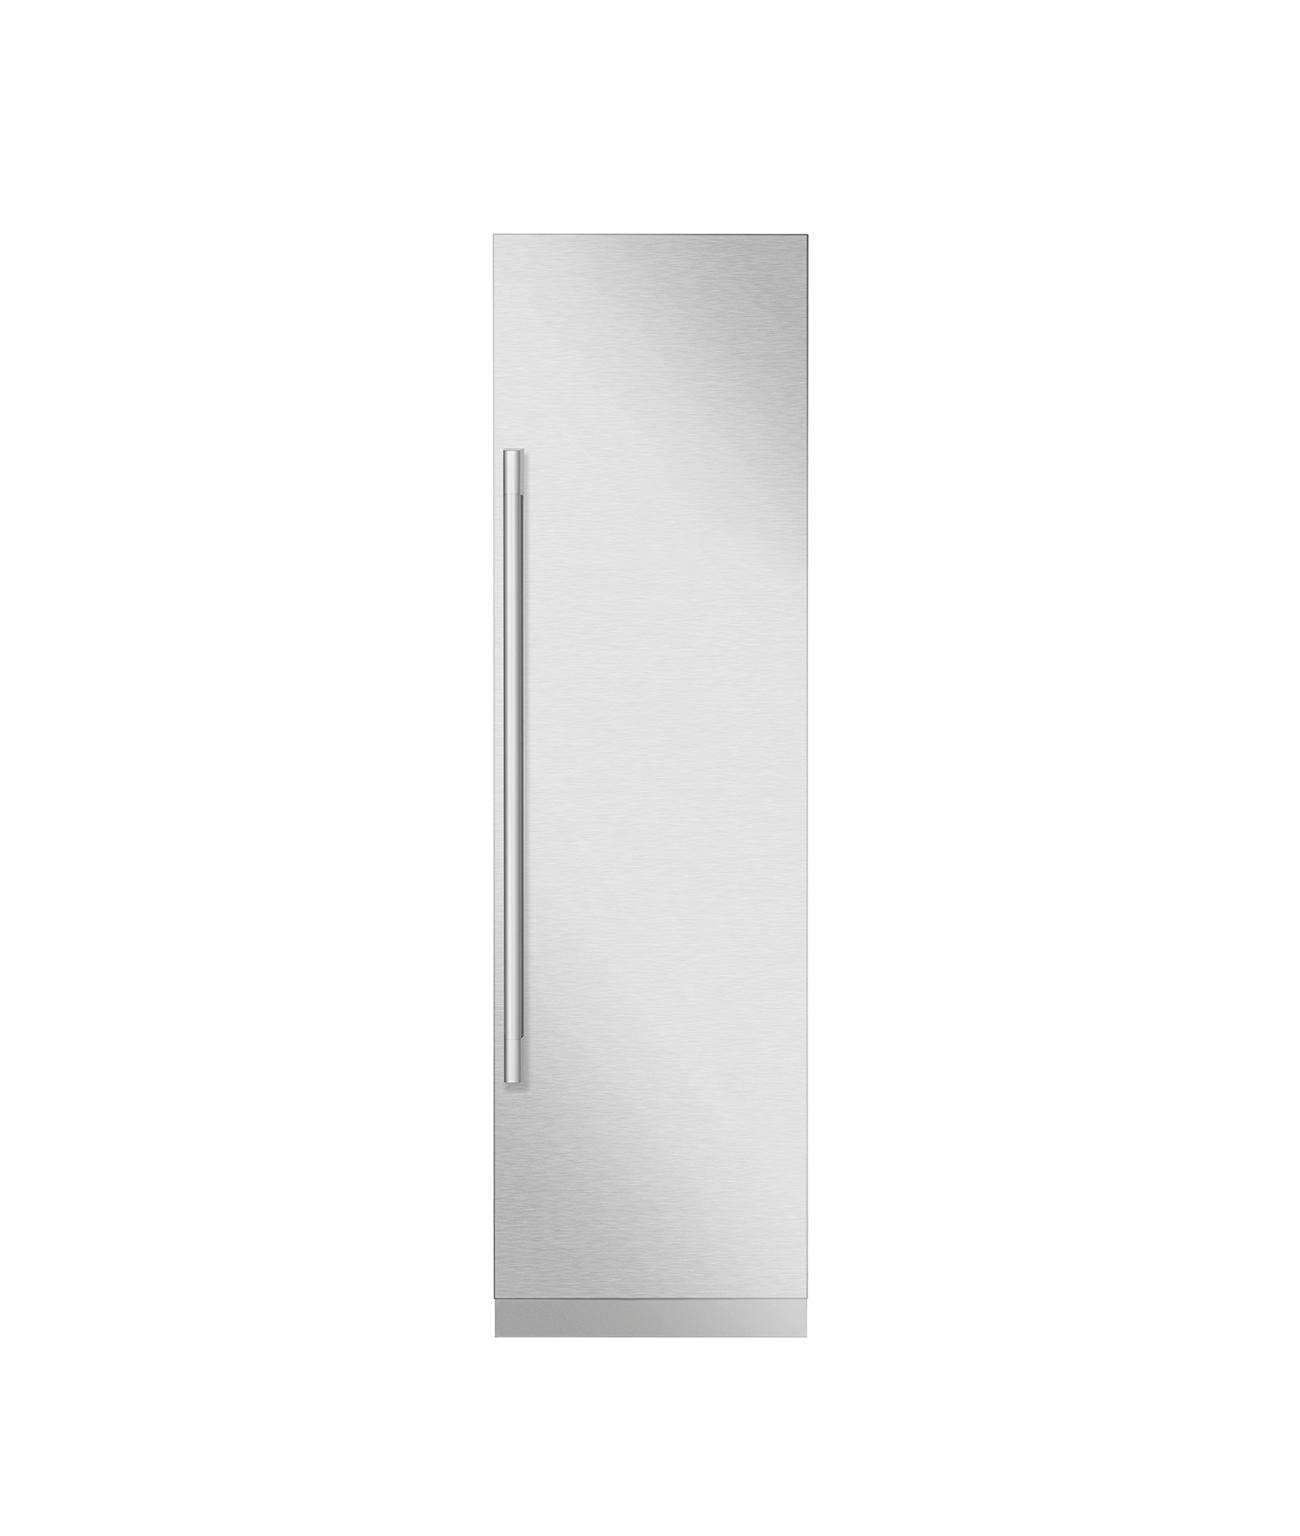 24 Quot Integrated Column Refrigerator Signature Kitchen Suite